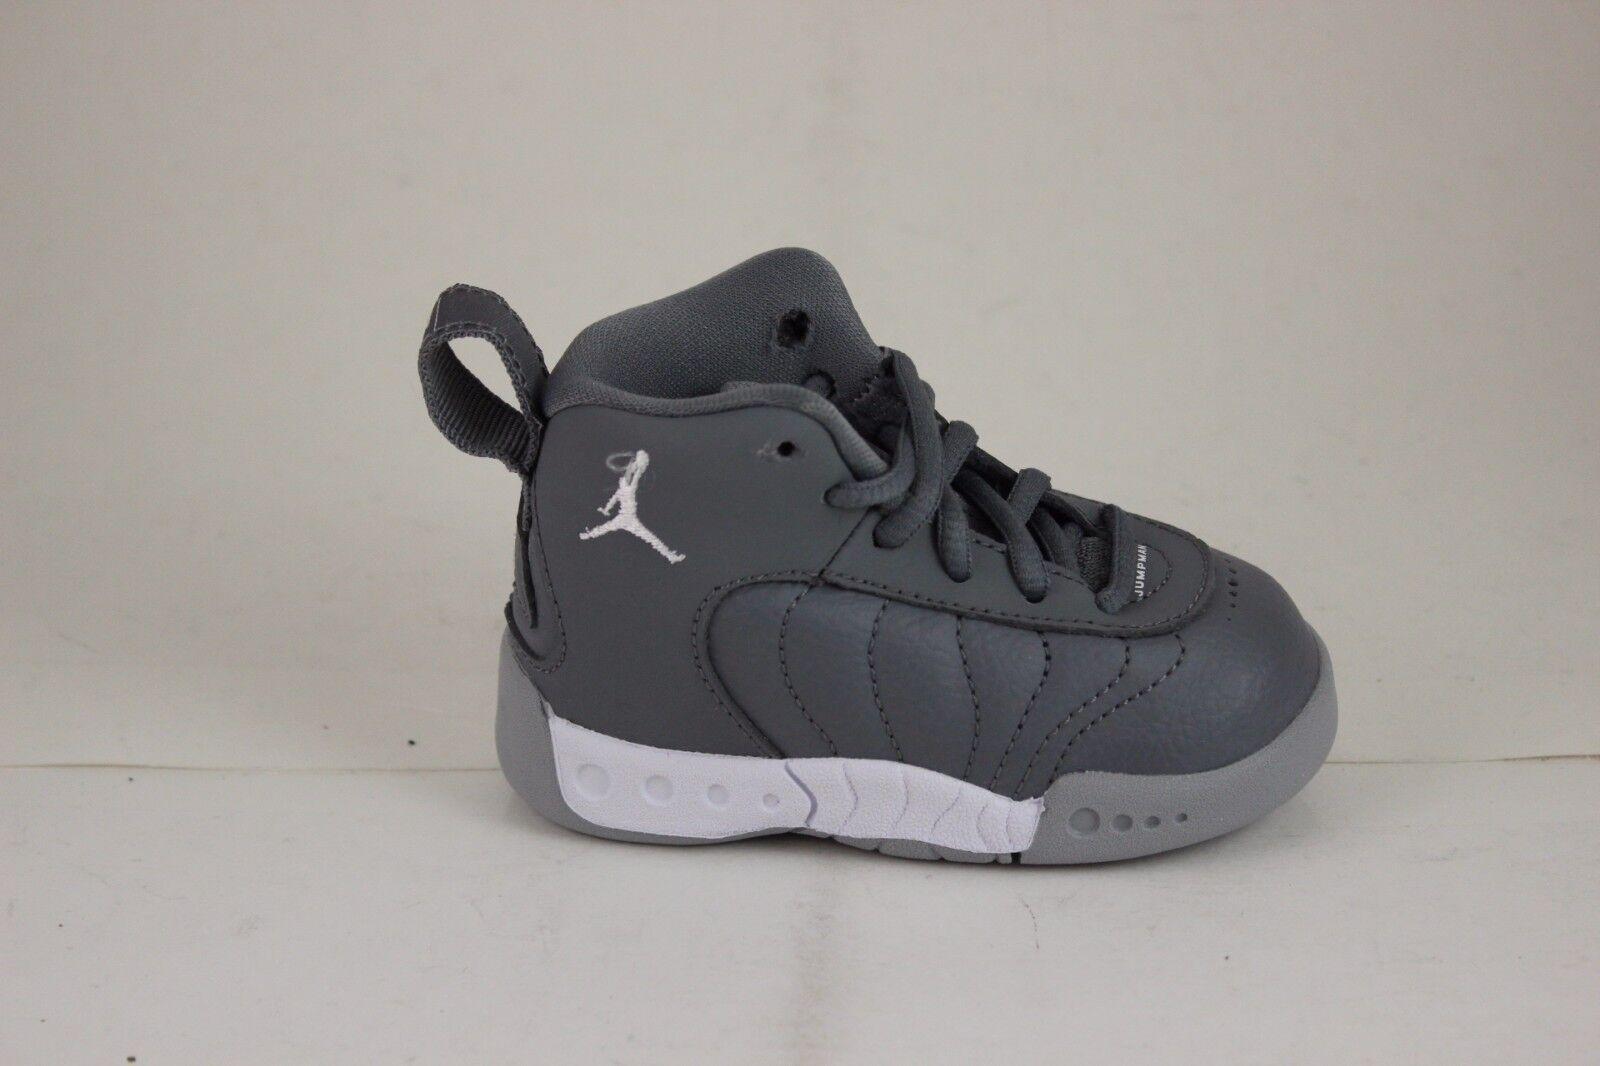 b82a3c39e635 Jordan Jumpman Pro Boys  Toddler Cool Grey white wolf Grey 09418014 ...